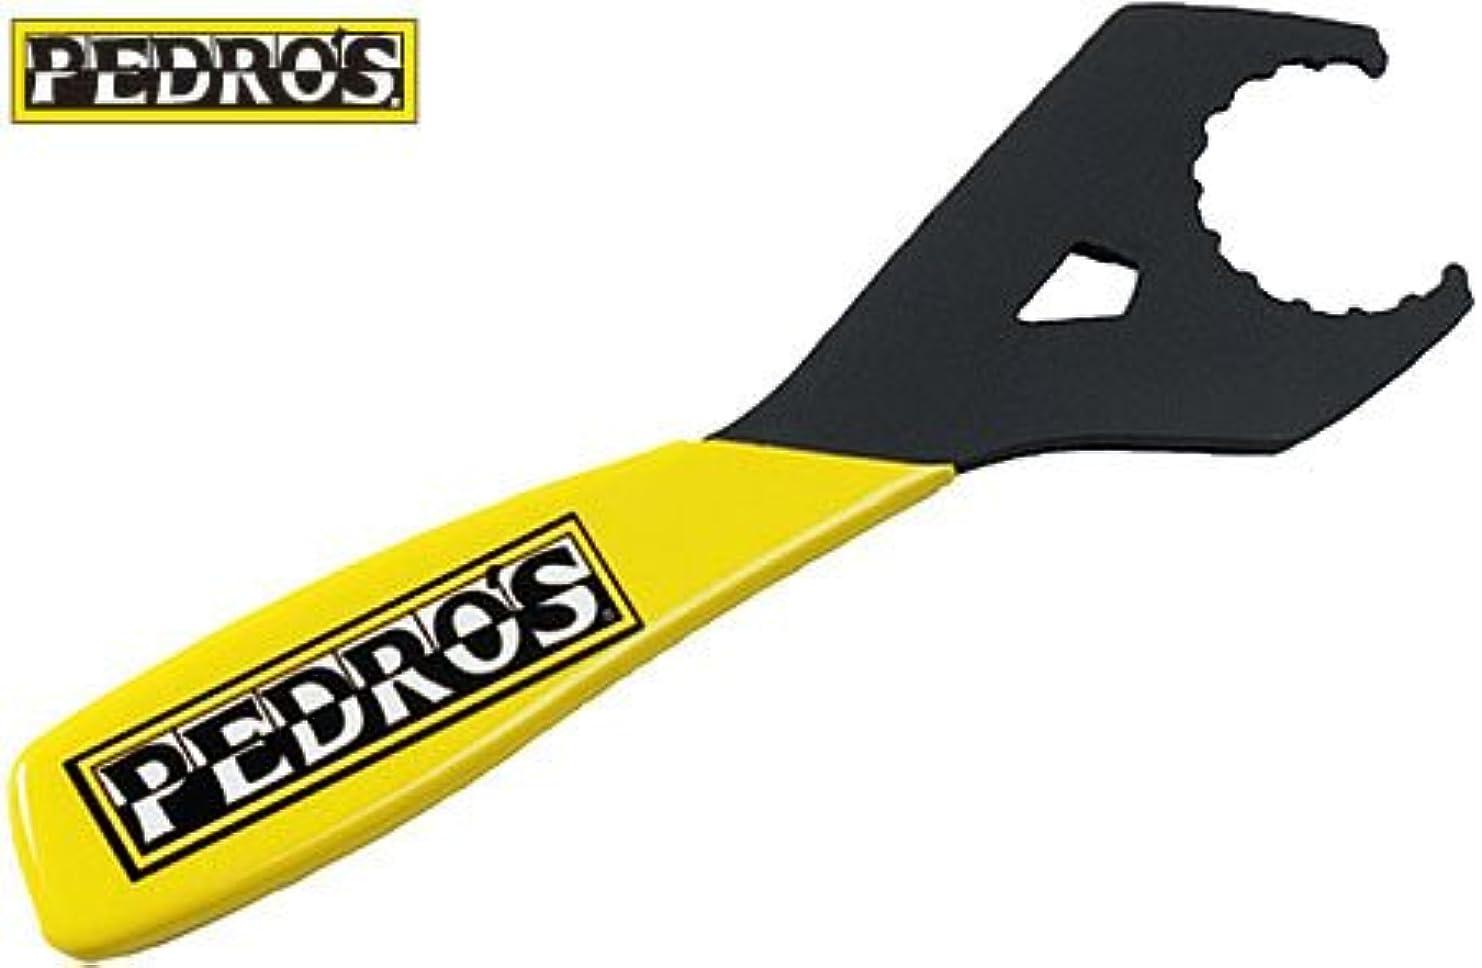 足枷謝罪する抜本的なペドロス(PEDROS) インテグレイテッド BBレンチシマノ用 102309